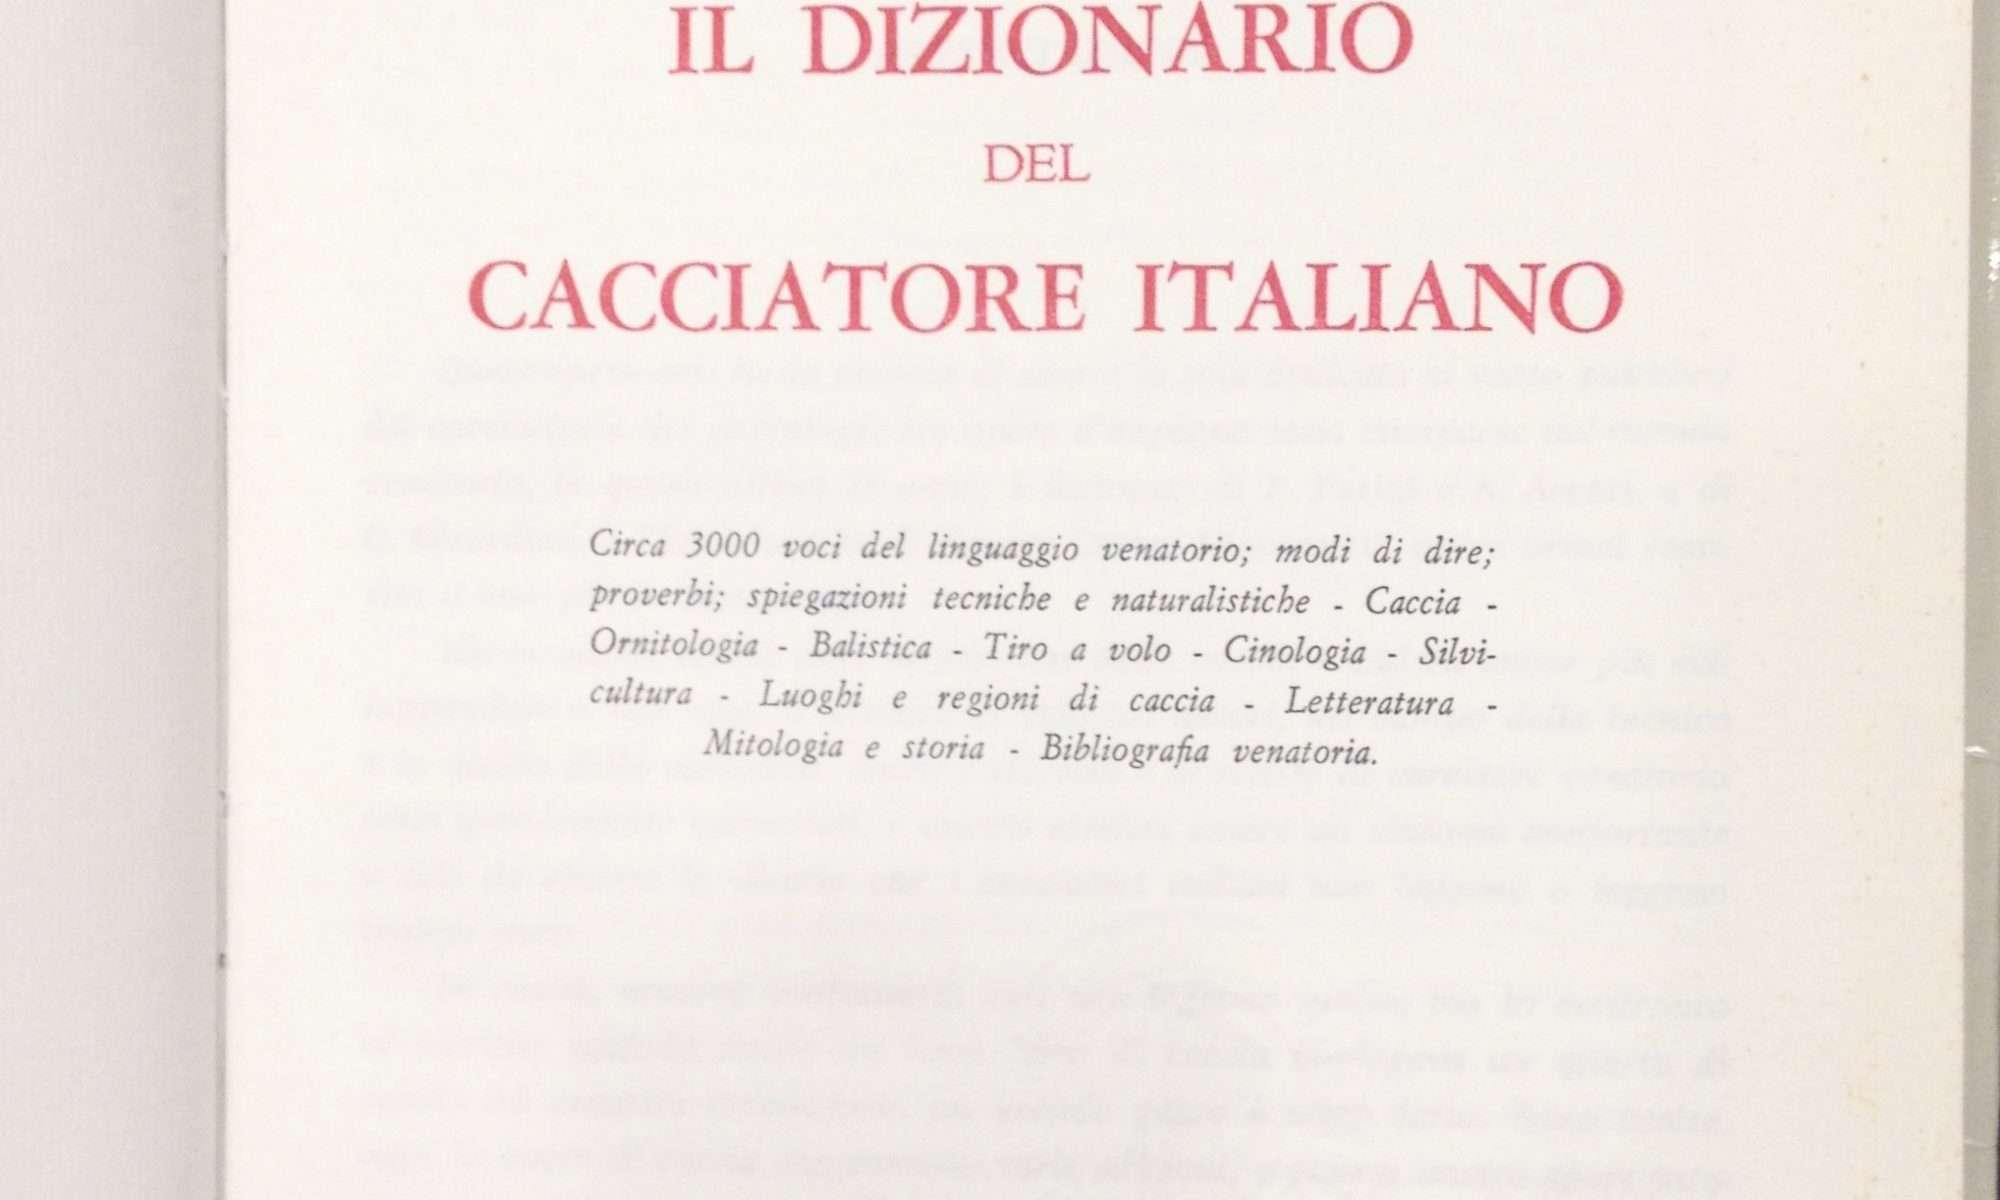 DIZIONARIO DEL CACCIATORE ITALIANO  <BR/> Luigi Ugolini